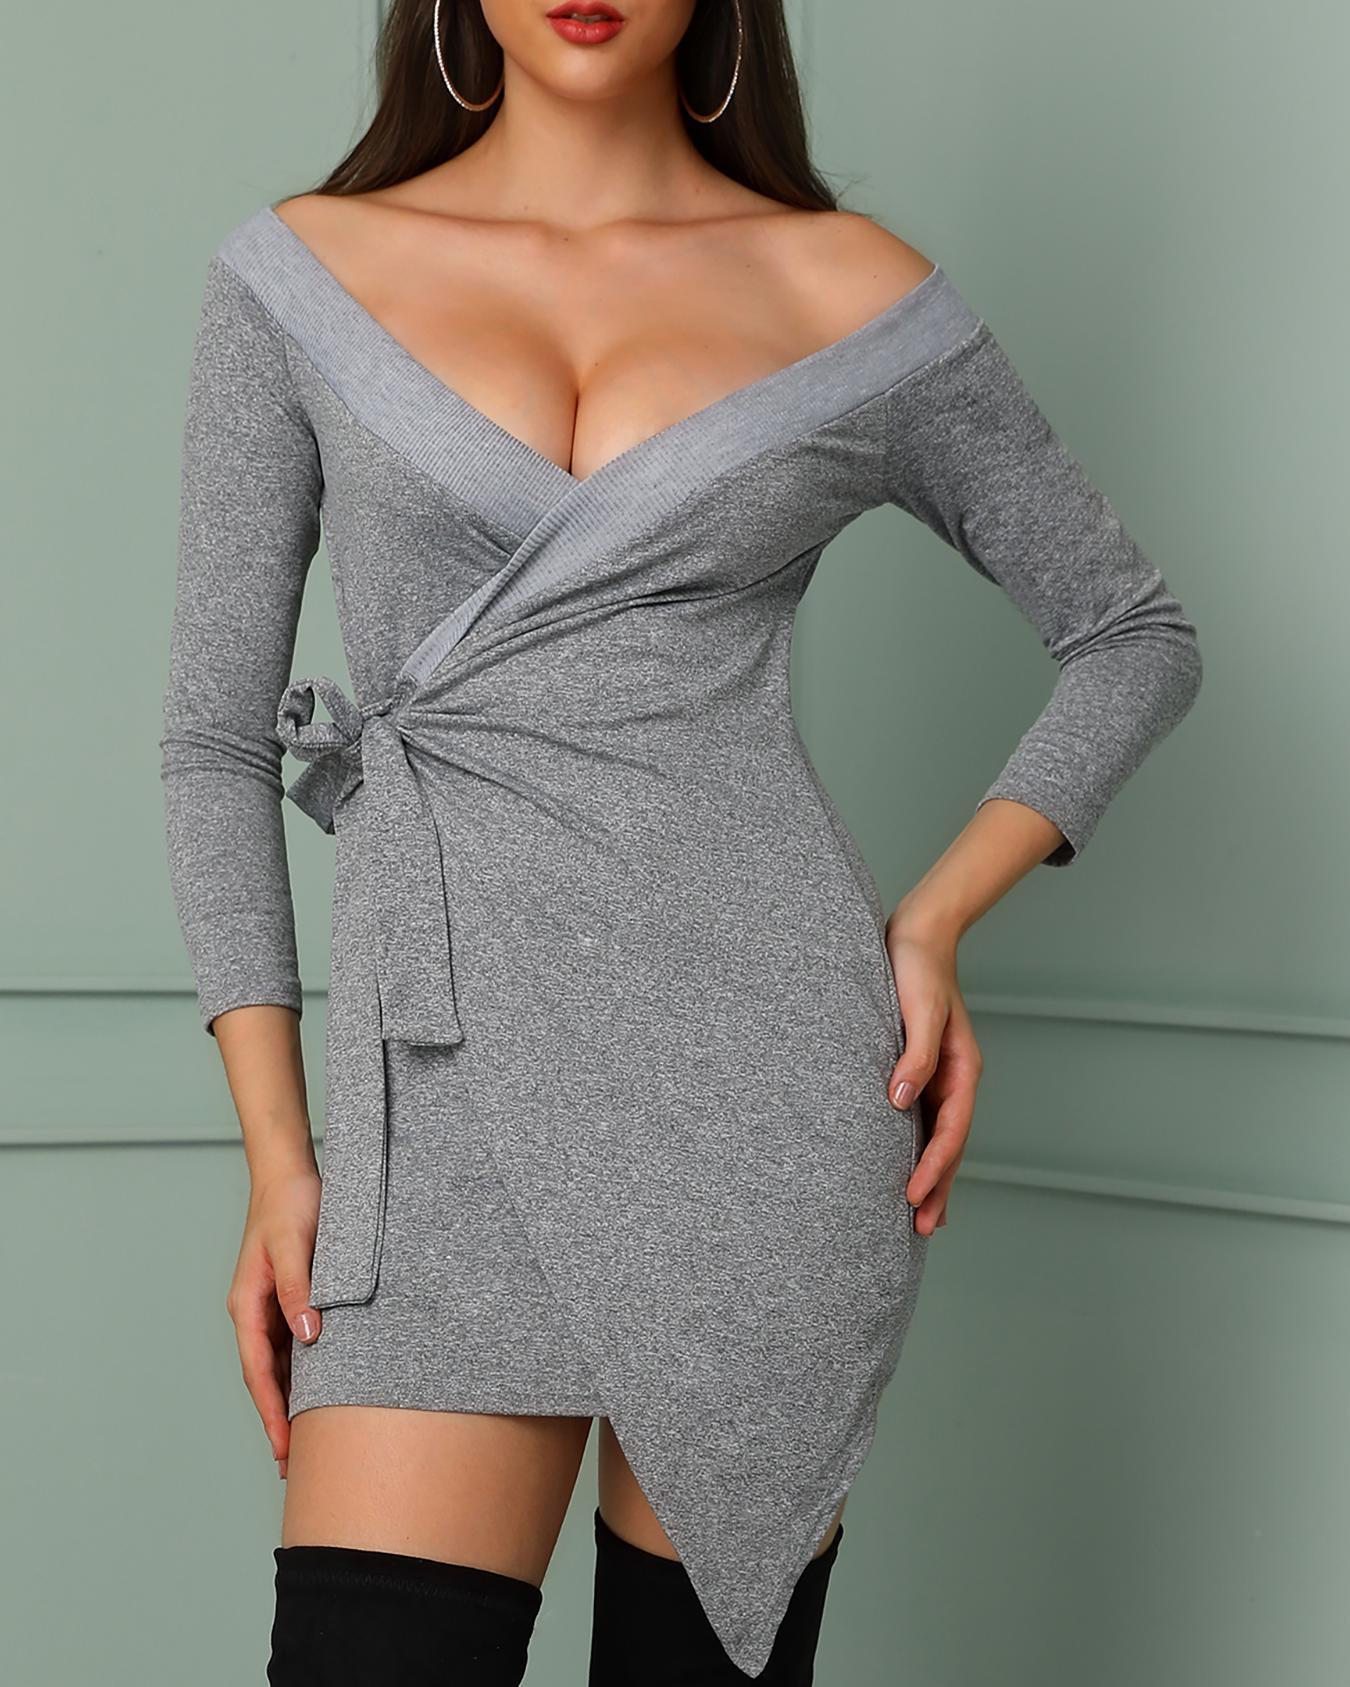 boutiquefeel / Fora do ombro amarrado cintura bodycon wrap dress